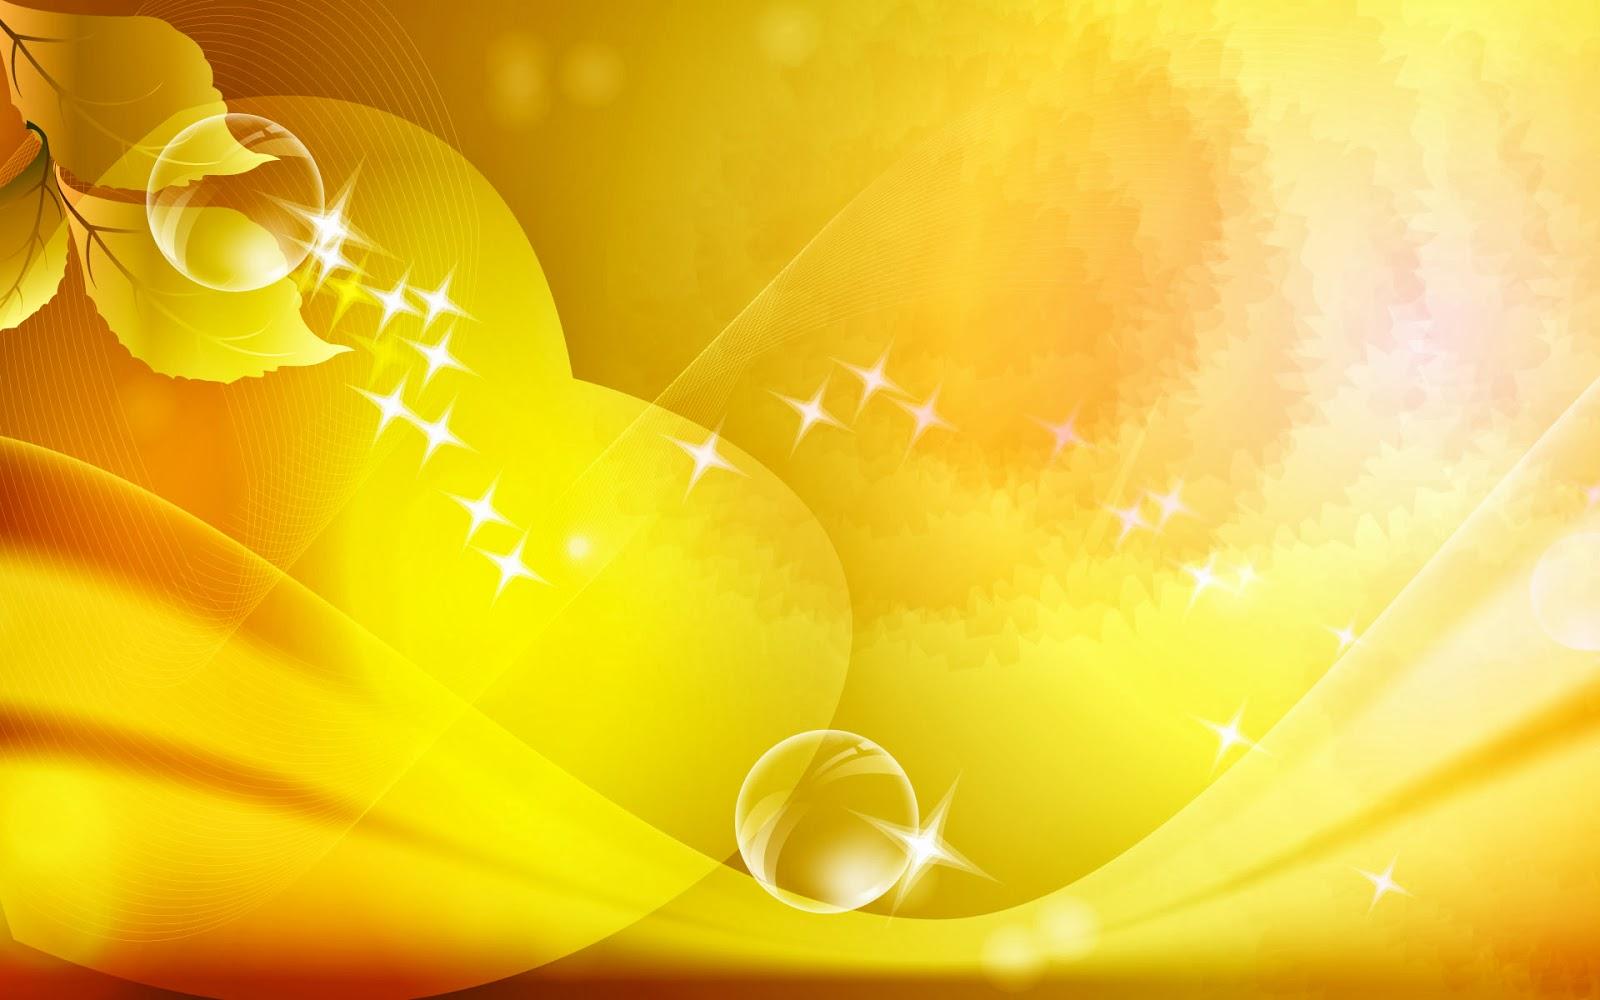 Imagenes Hilandy: Fondo De Pantalla Abstracto Efectos Amarillo